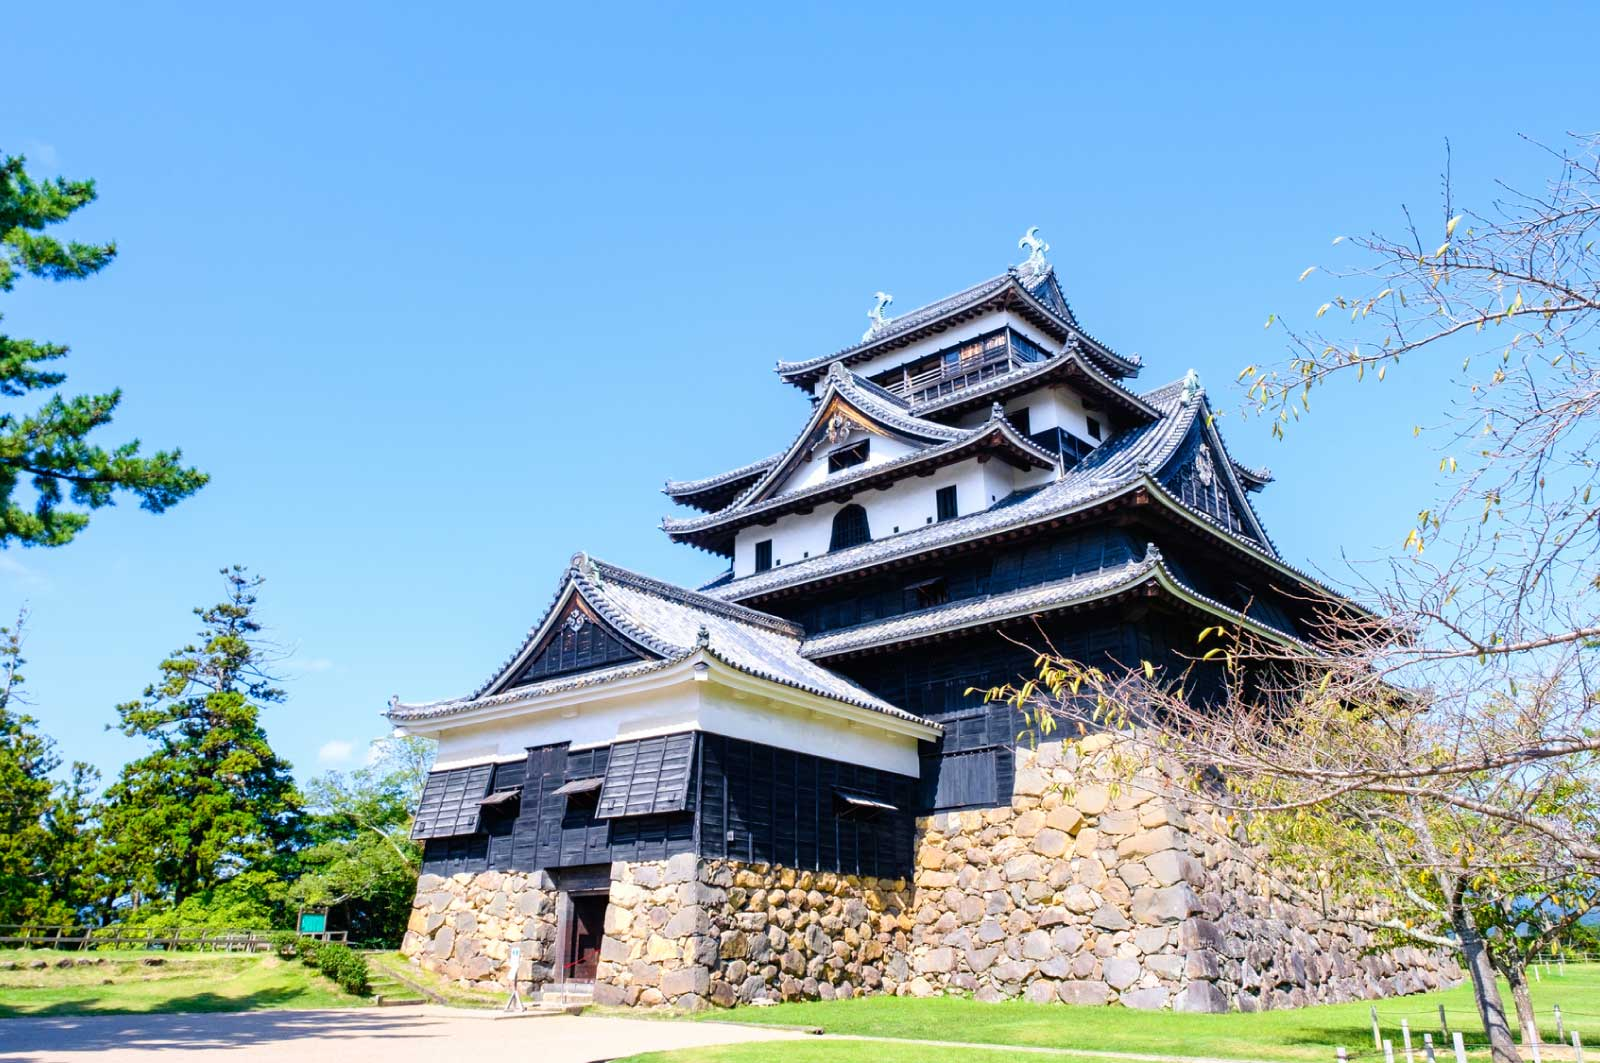 松江藩のお城・松江城